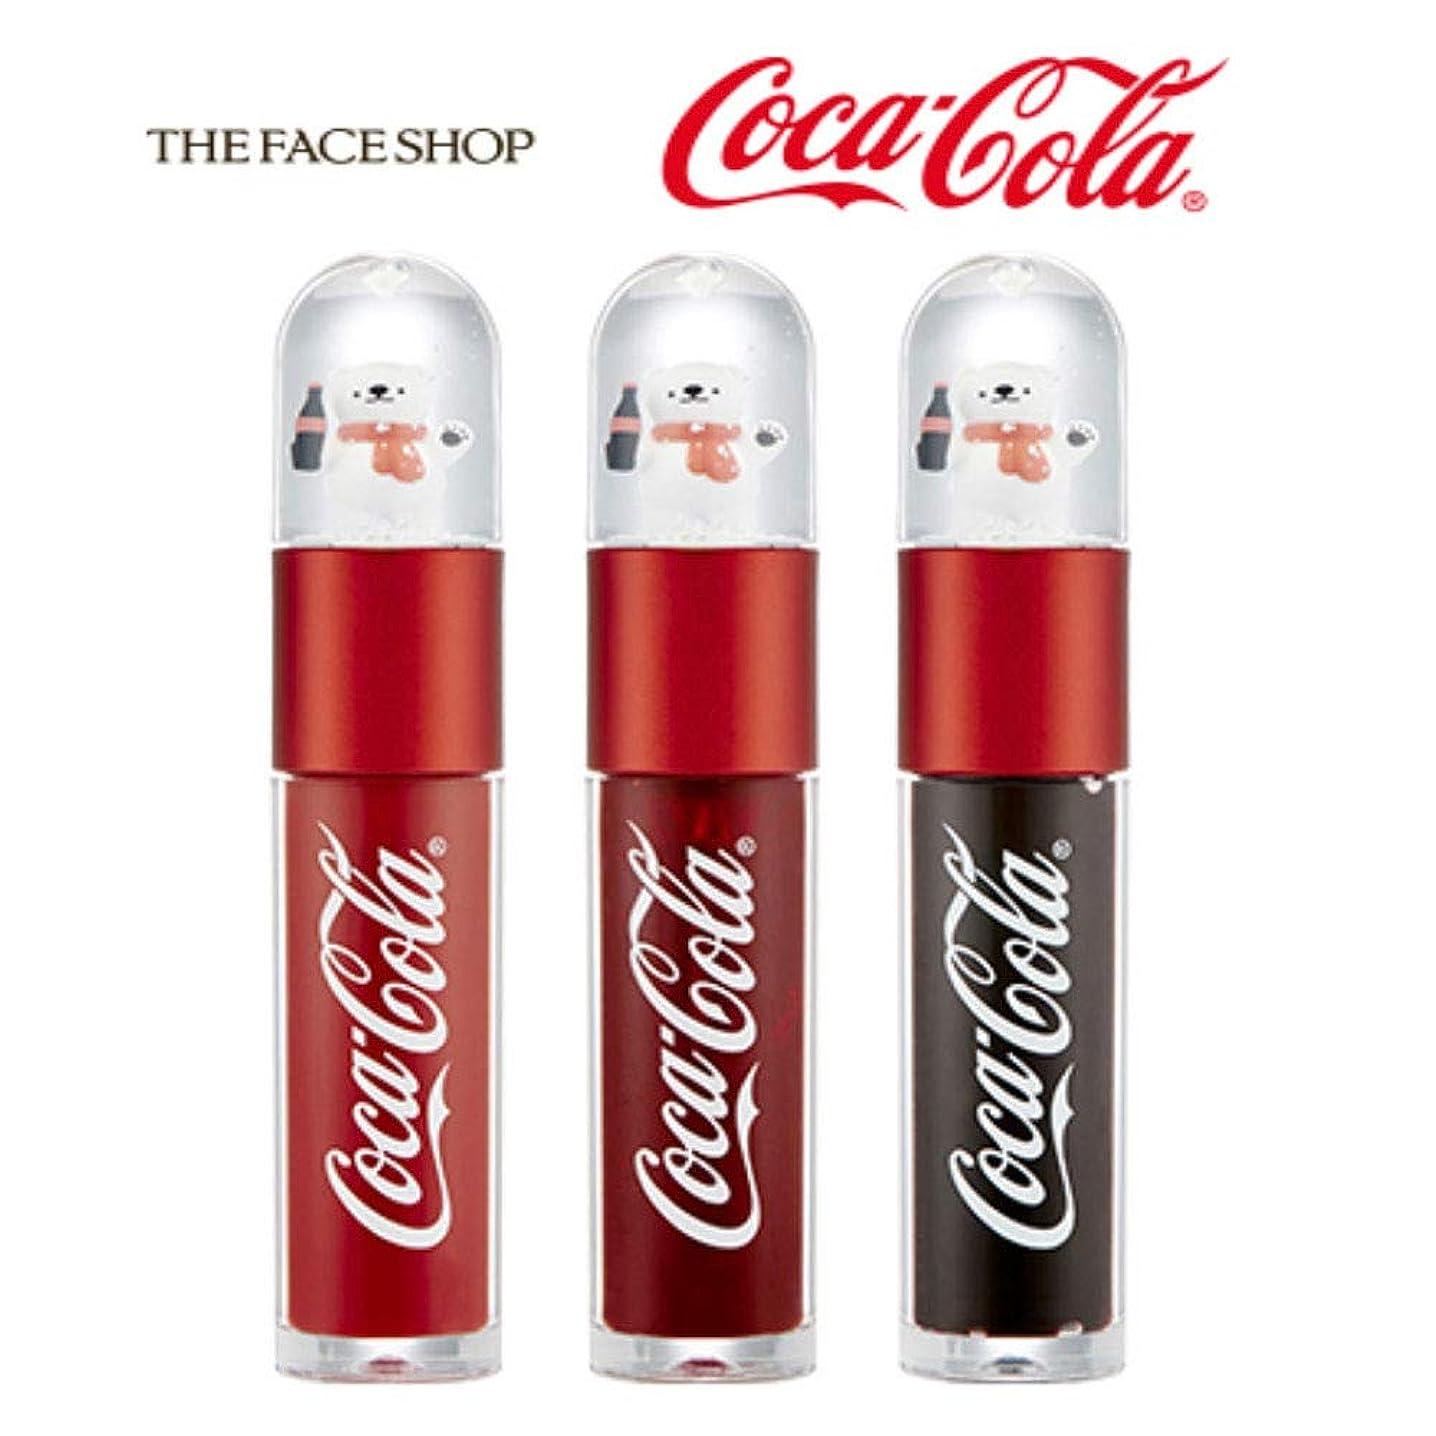 敬の念古代痛みザ?フェイスショップ THE FACE SHOP コークベア リップティント 5.5g 限定版 3色セット Coke Bear Lip Tint 5.5g Limited Edition